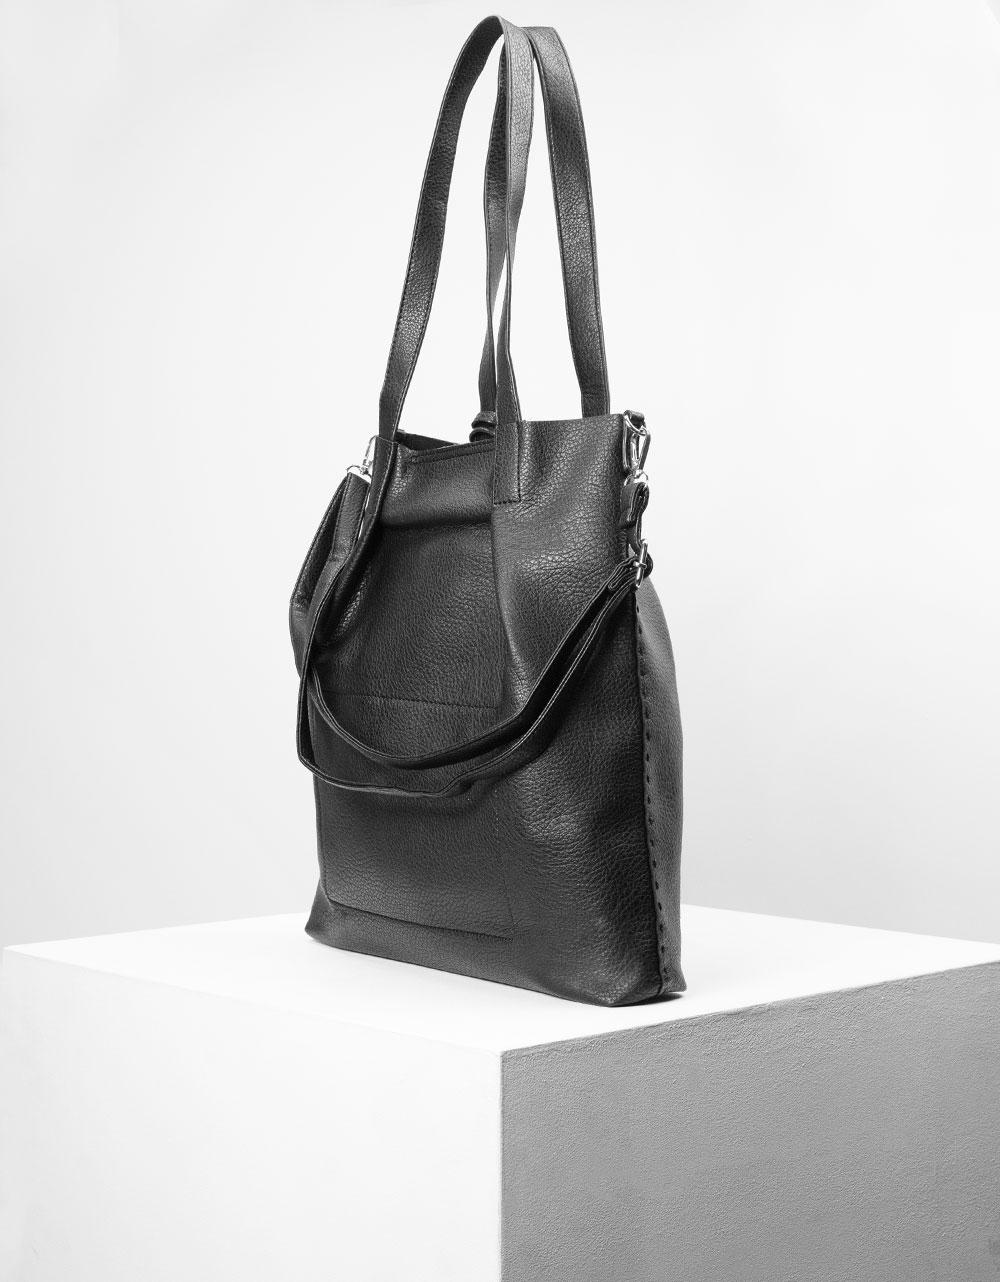 Εικόνα από Γυναικεία τσάντα ώμου με διακοσμητικό φουντάκι Μαύρο